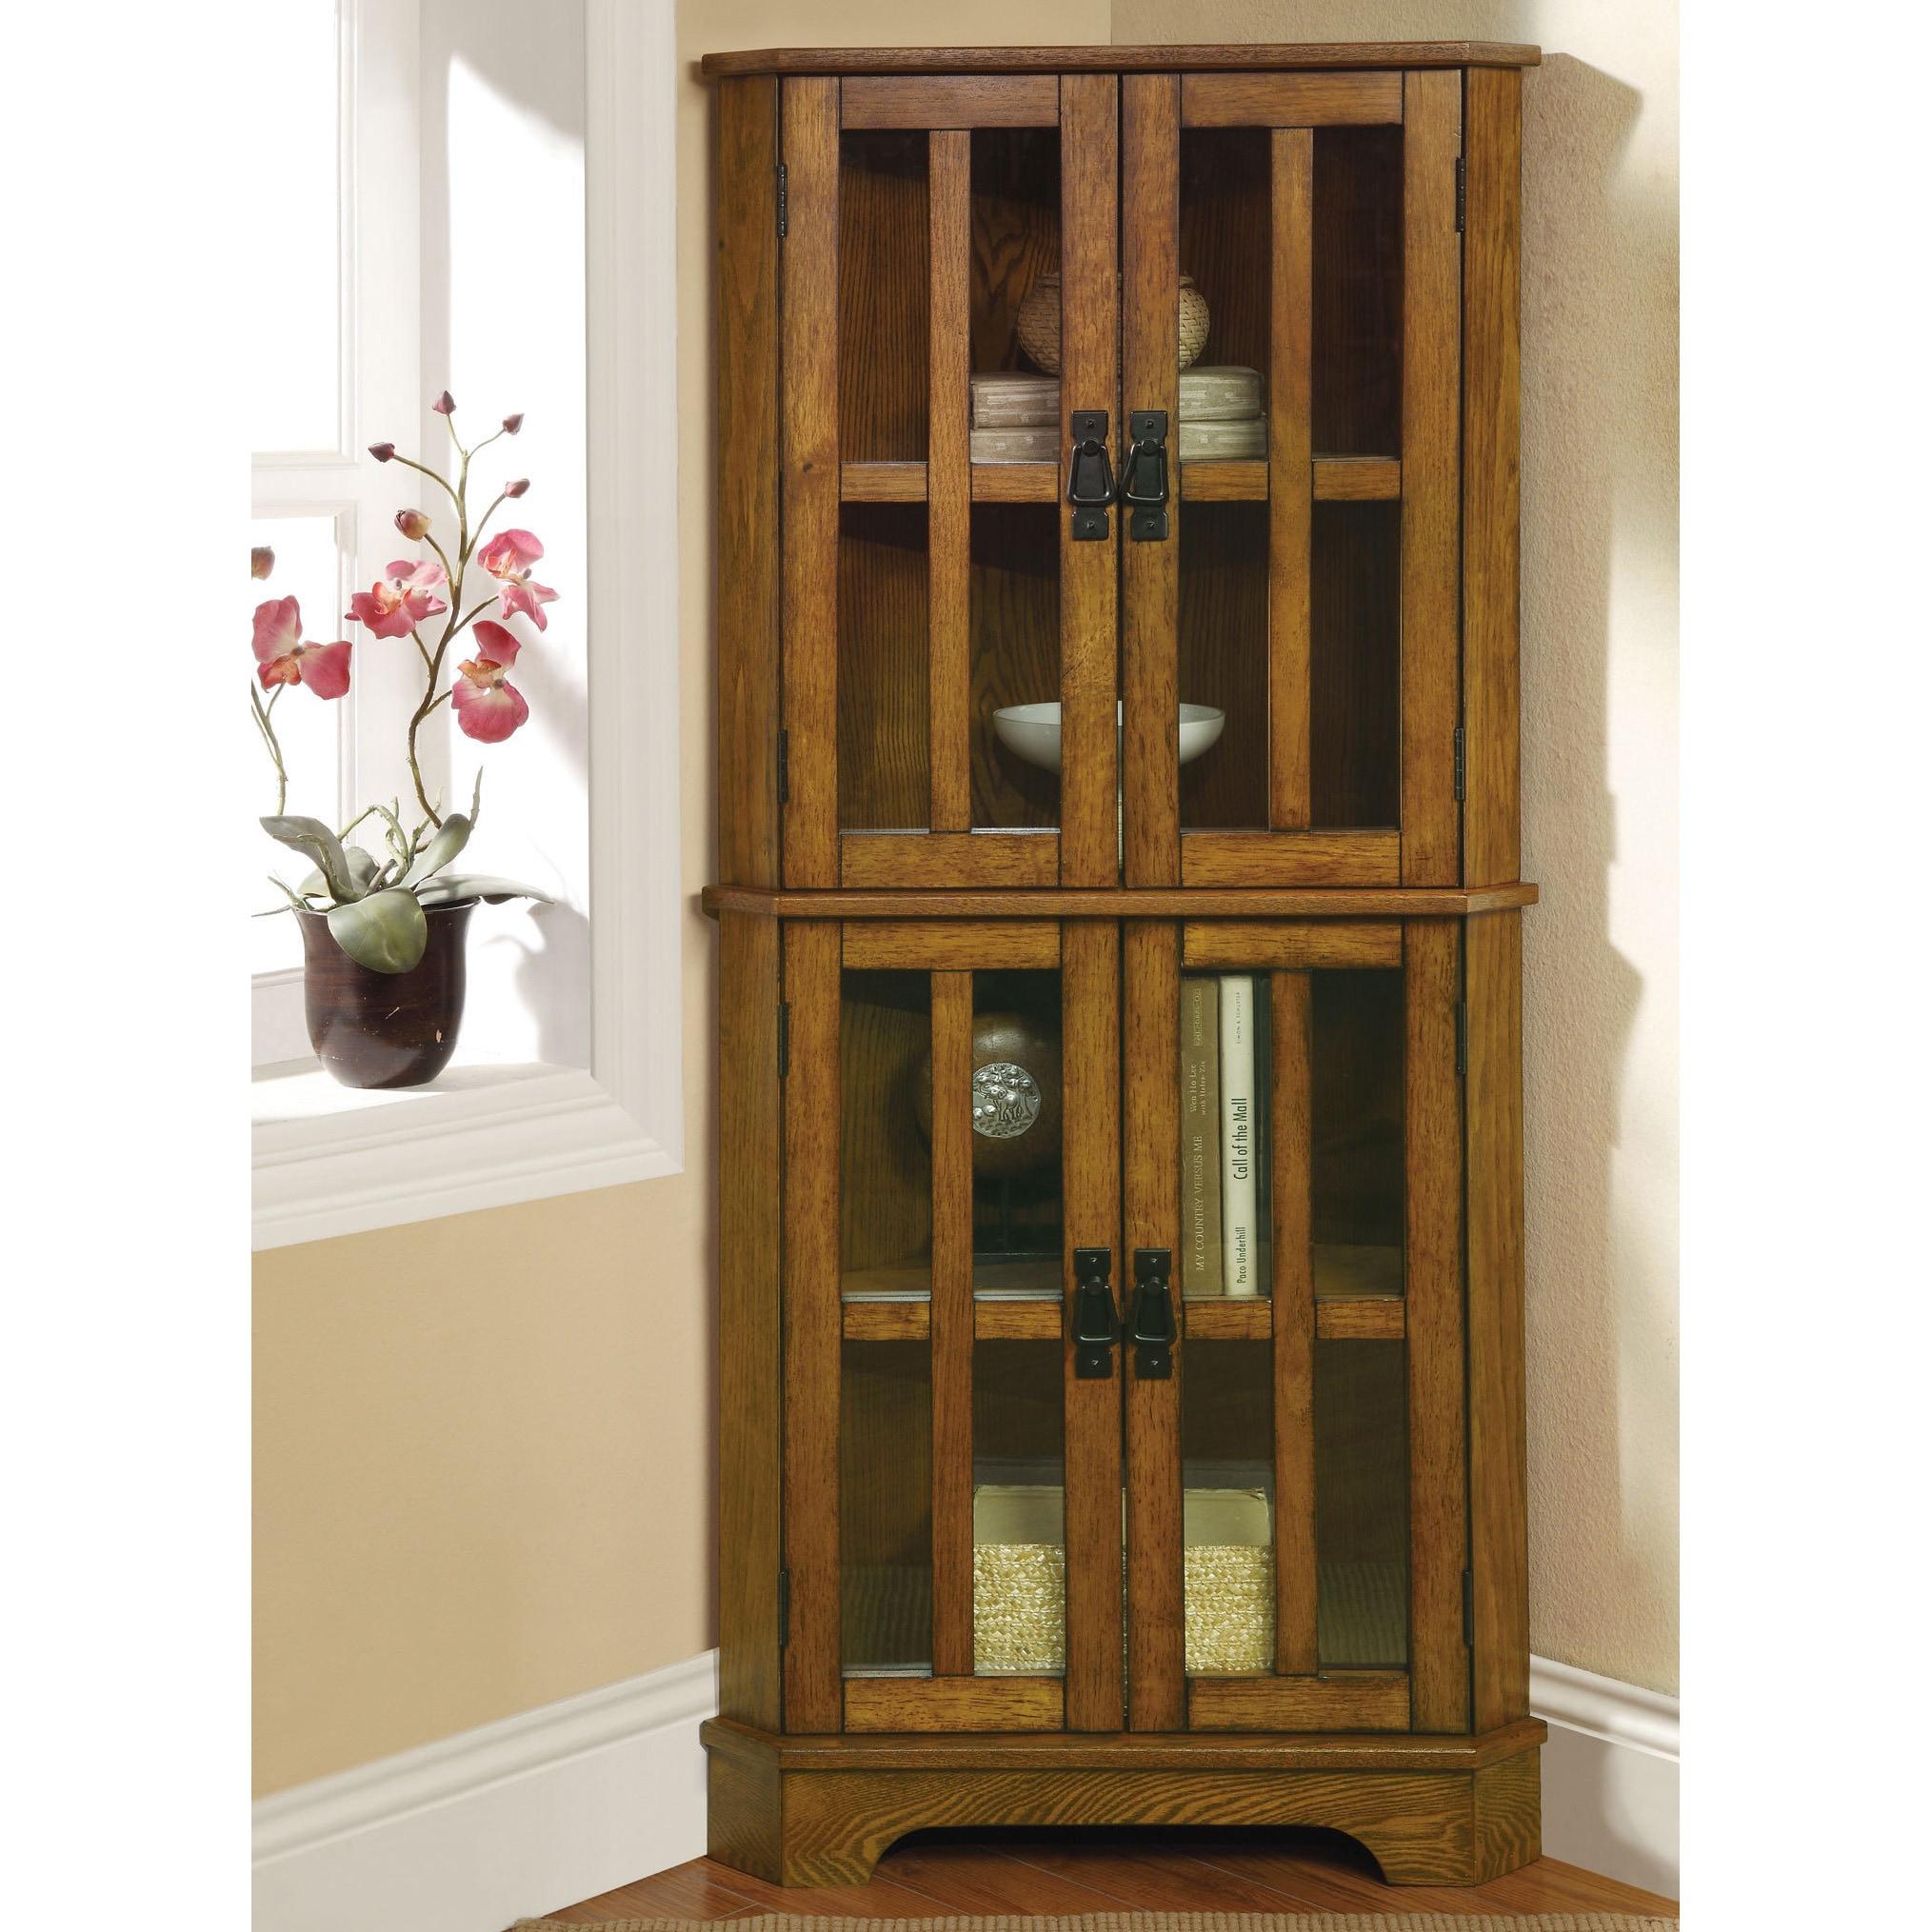 Coaster Furniture Warm Brown Oak 4-shelf Corner Curio Cab...